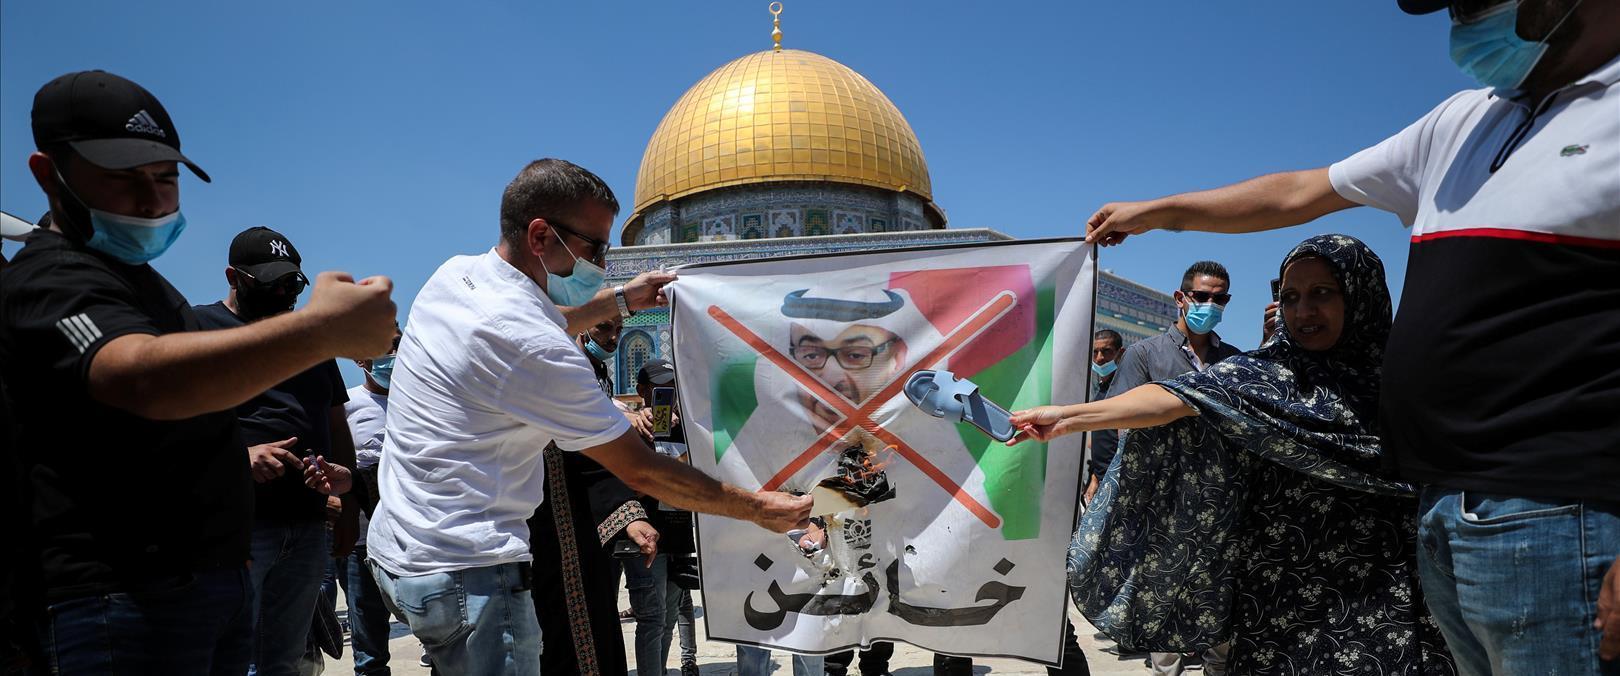 """""""בוגד"""", מפגינים עם תמונת שליט איחוד האמירויות בהר"""